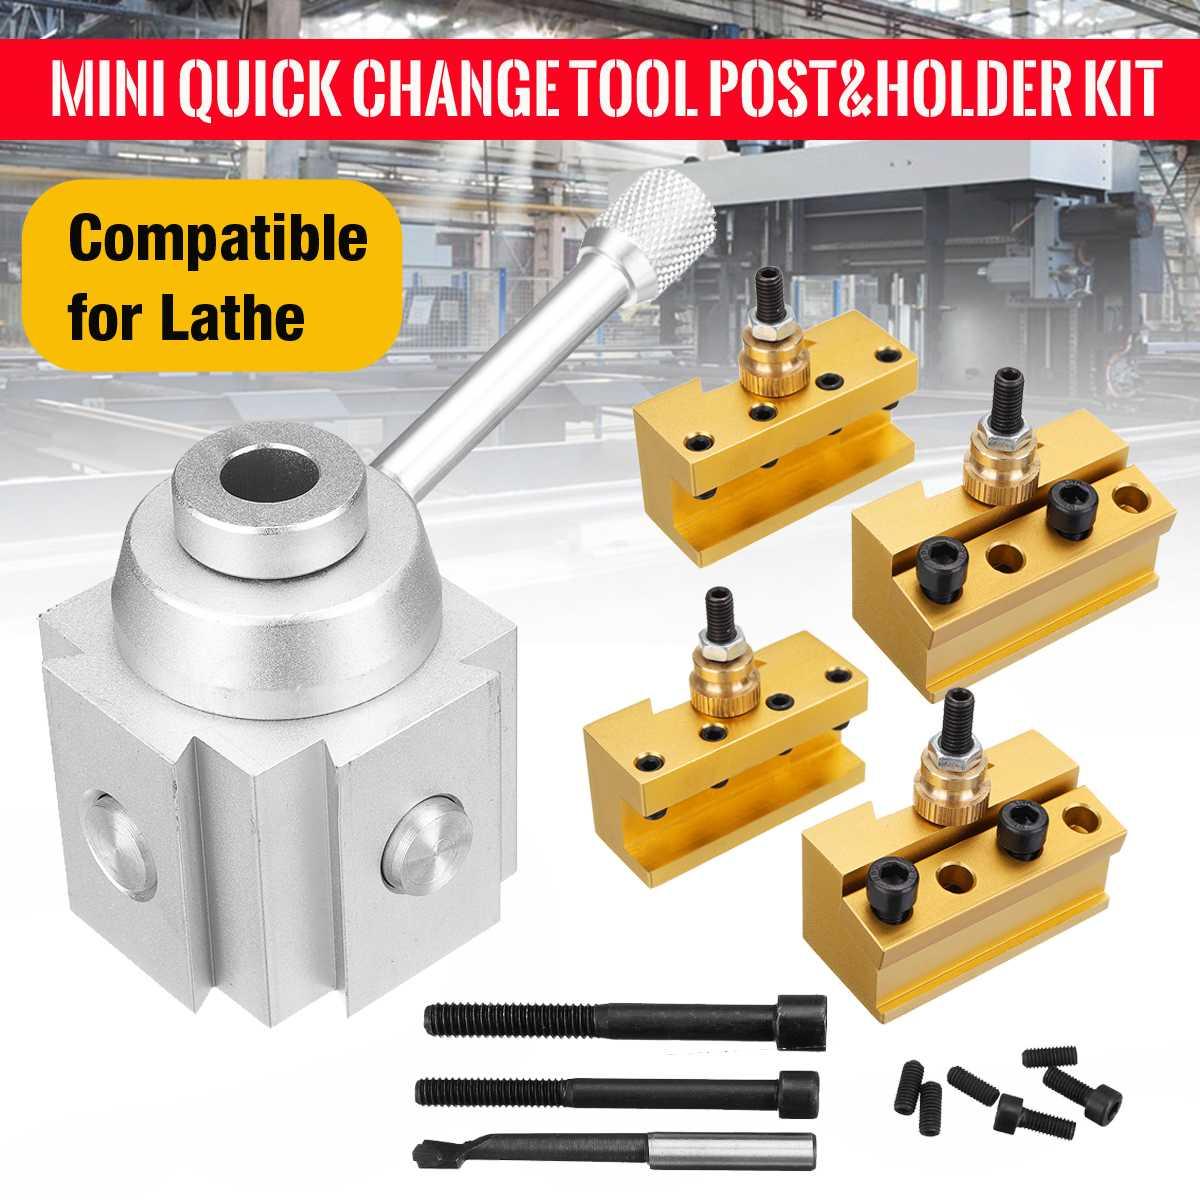 New Quick Change Post Holder Kit Set Tool Holder Boring Bar Turning Tool Holder For CNC Mini LatheNew Quick Change Post Holder Kit Set Tool Holder Boring Bar Turning Tool Holder For CNC Mini Lathe